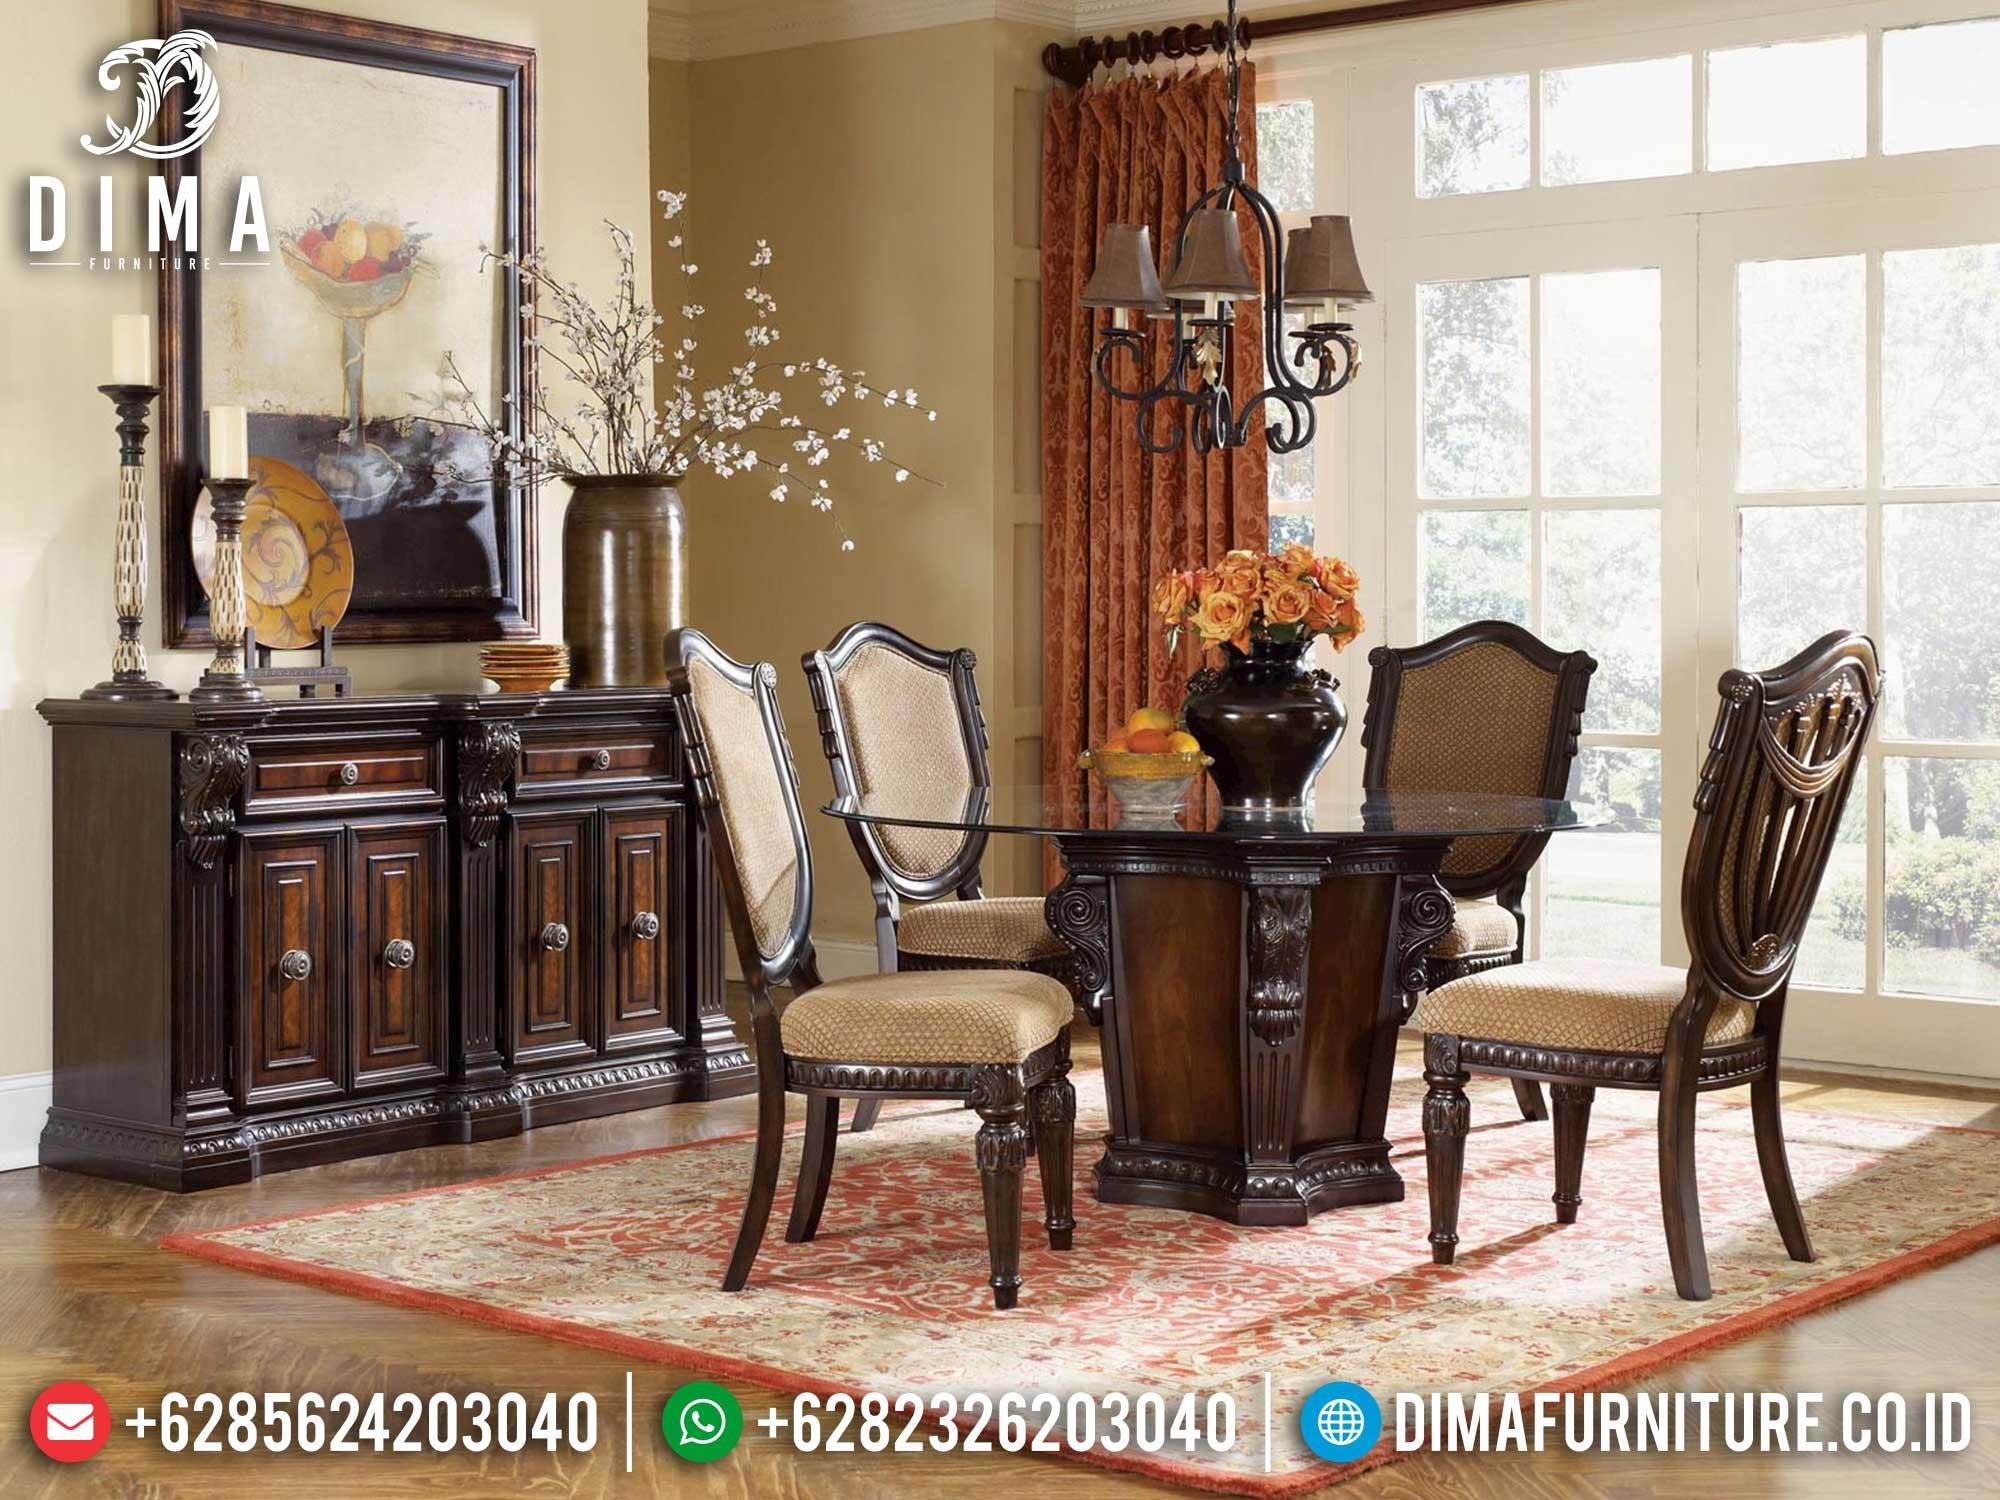 Jual Meja Makan Klasik Jati Natural Salak Brown Luxury Carving Jepara Mm-1052